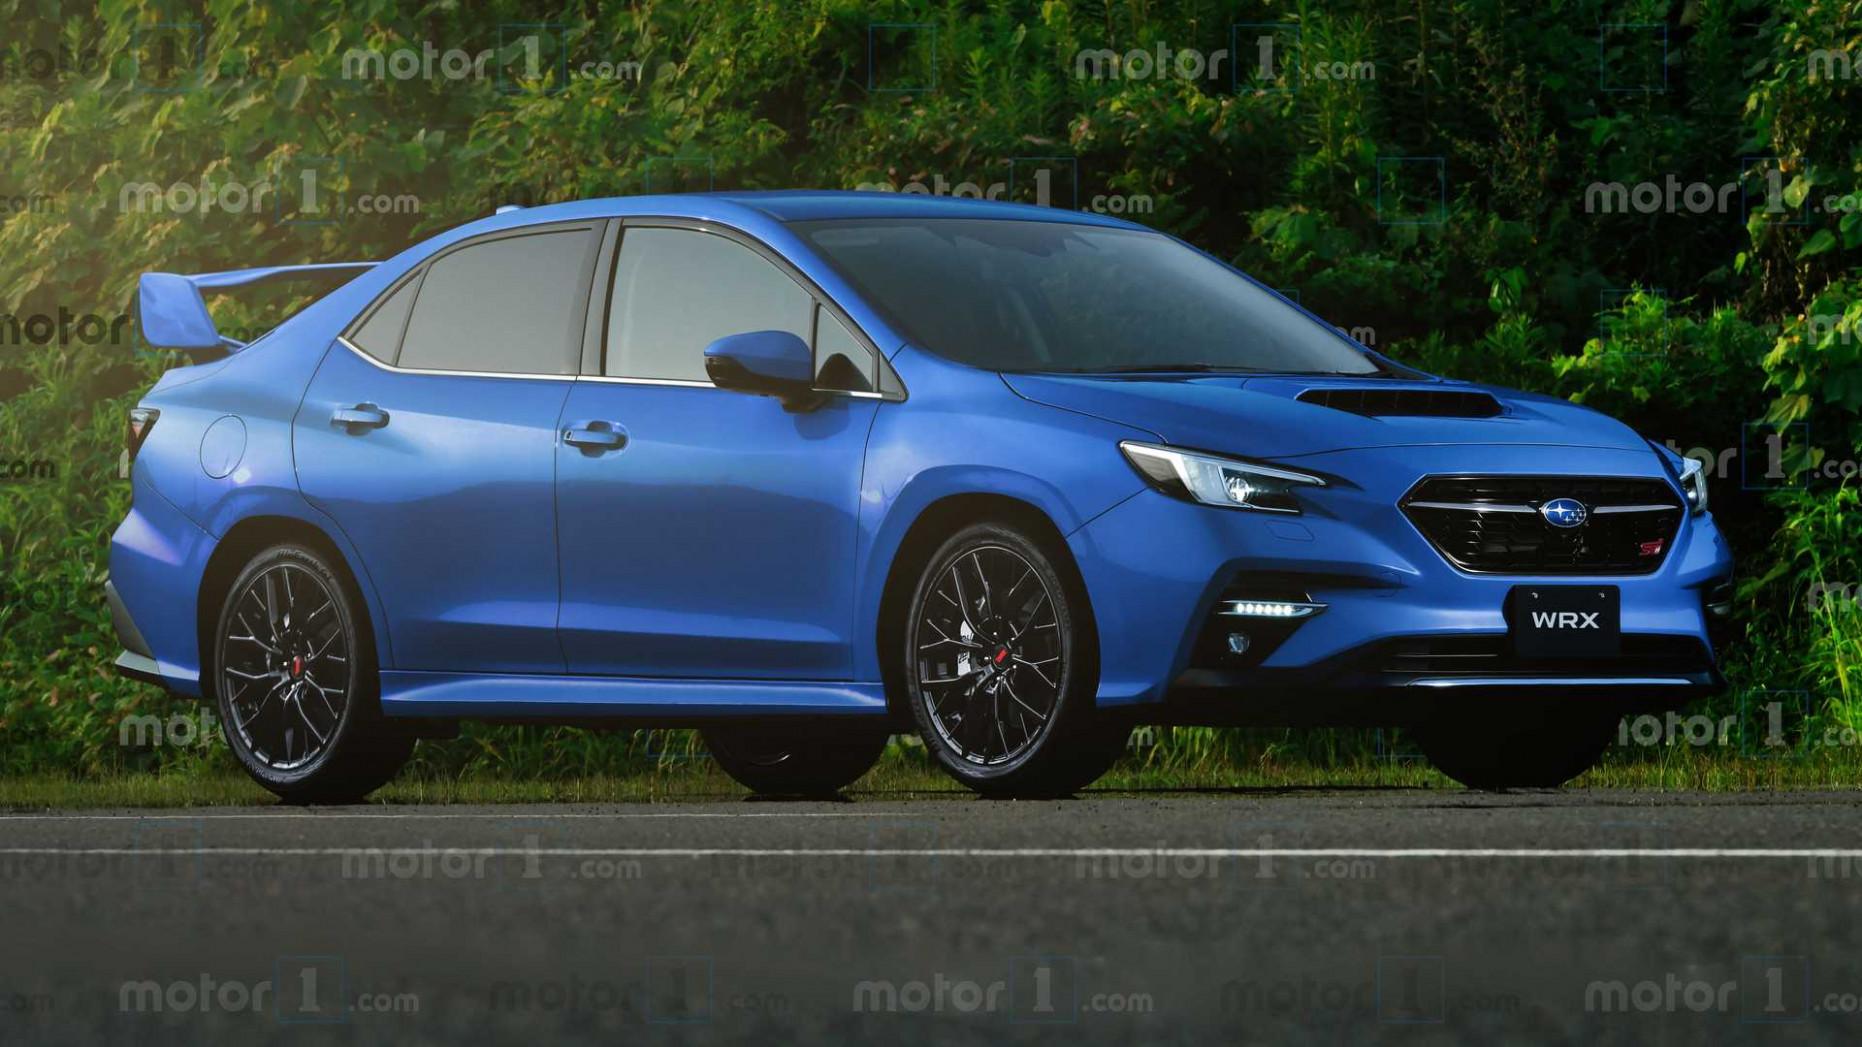 Concept and Review 2022 Subaru Wrx